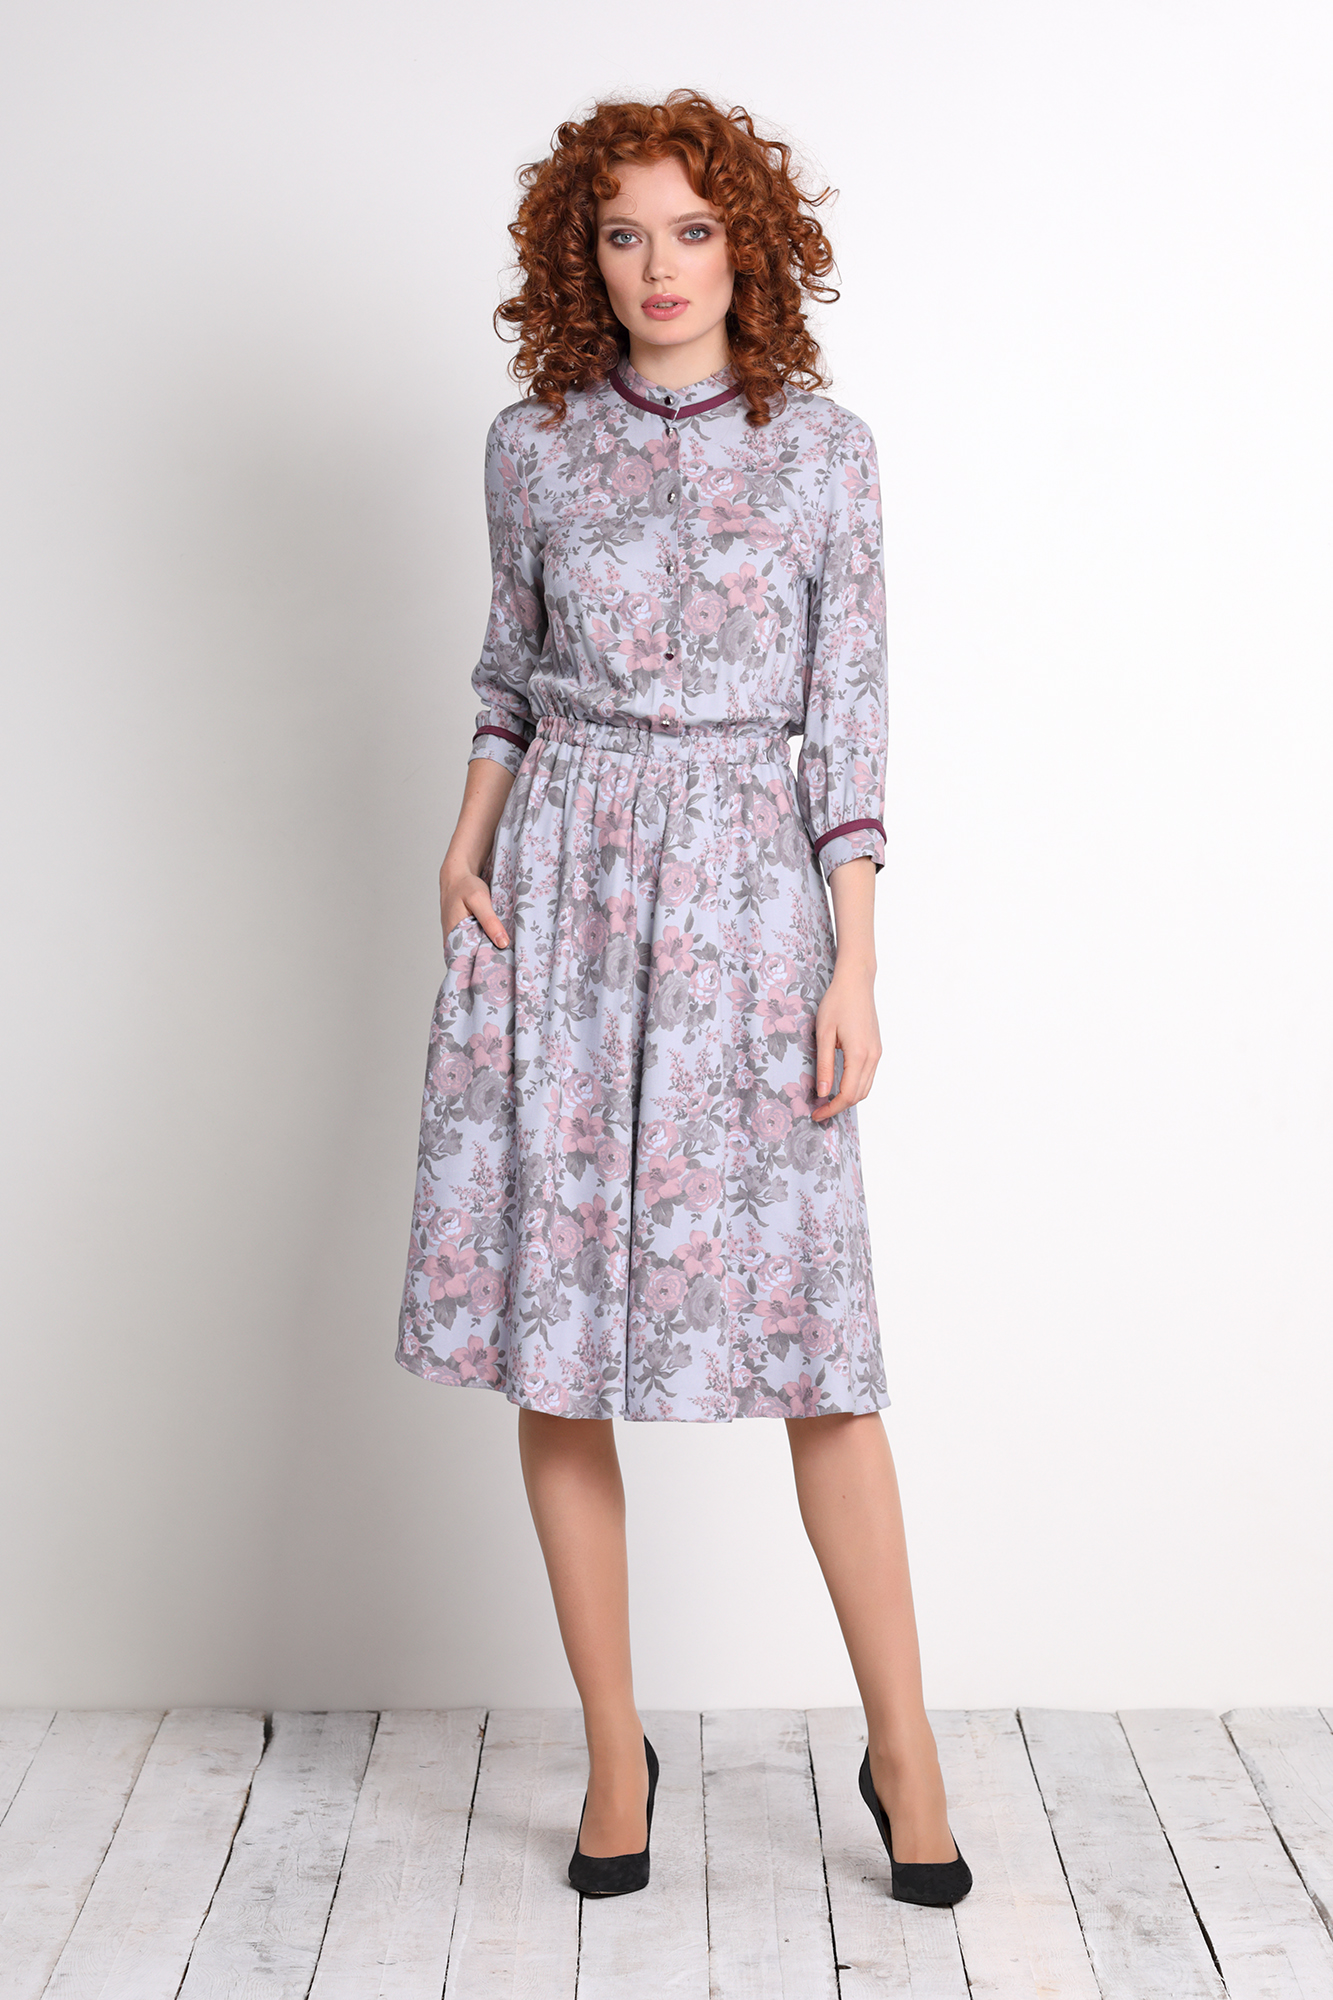 80160e2c82a9ca0 Обязательно купите трикотажные платья в СПб, и любое мероприятие  обязательно пройдет хорошо, поскольку вы будете неотразимы и изящны.